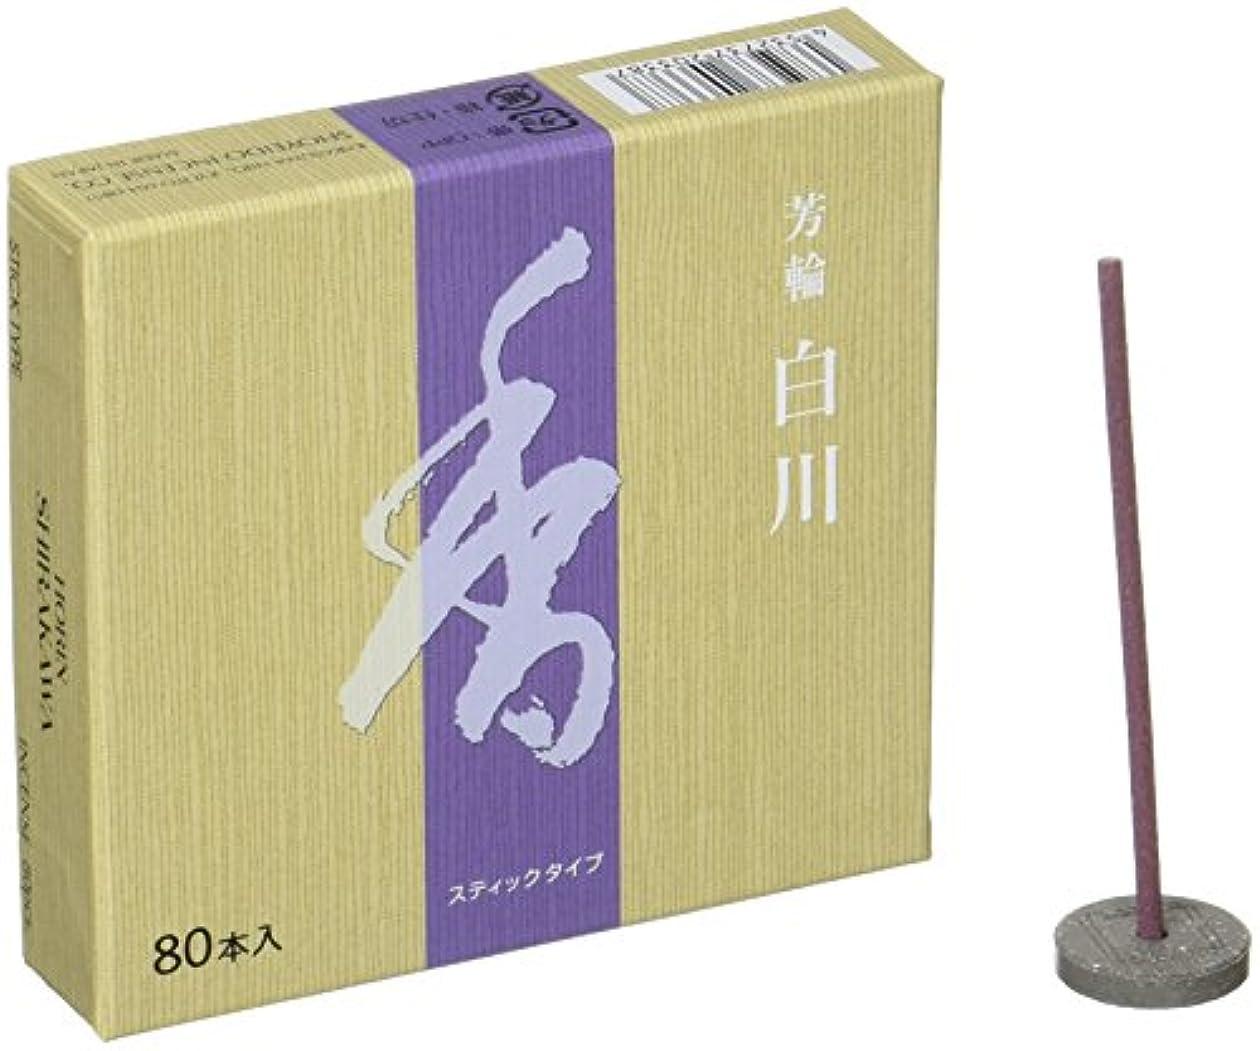 廃止するスマイル誇大妄想芳輪シリーズ 白川スティック80本入 83×90×22